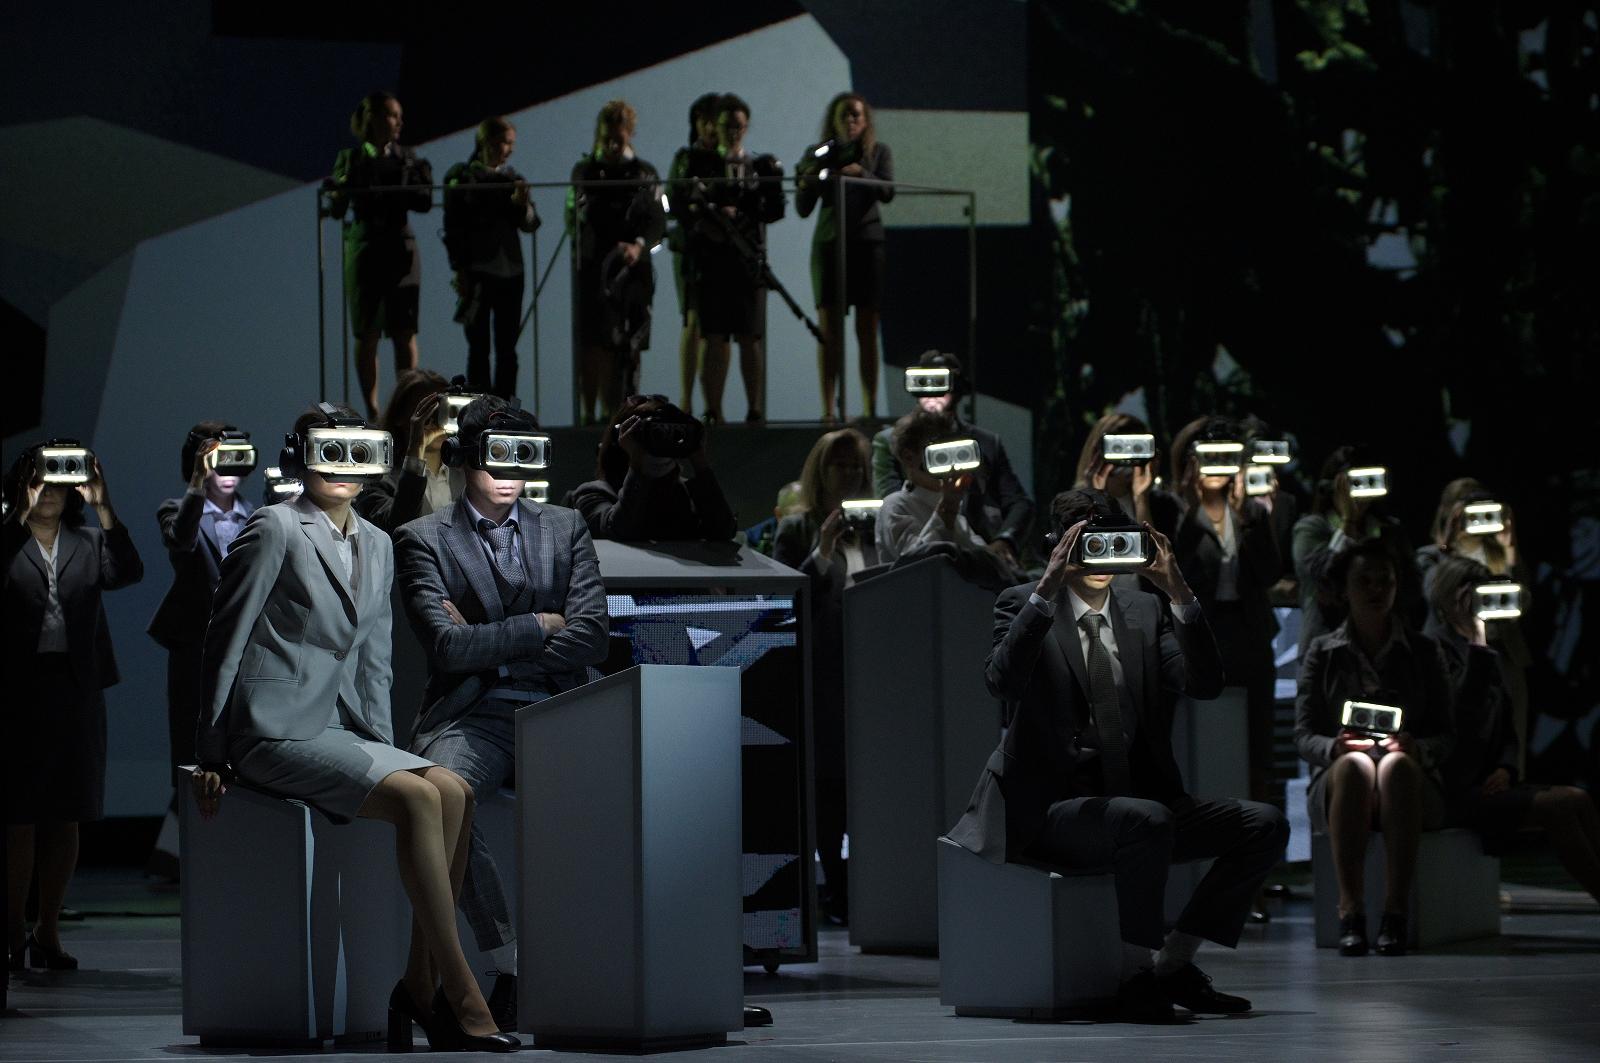 Режиссер Александр Титель рассказывает об опере «Вольный стрелок»  и режиссерском замысле постановки